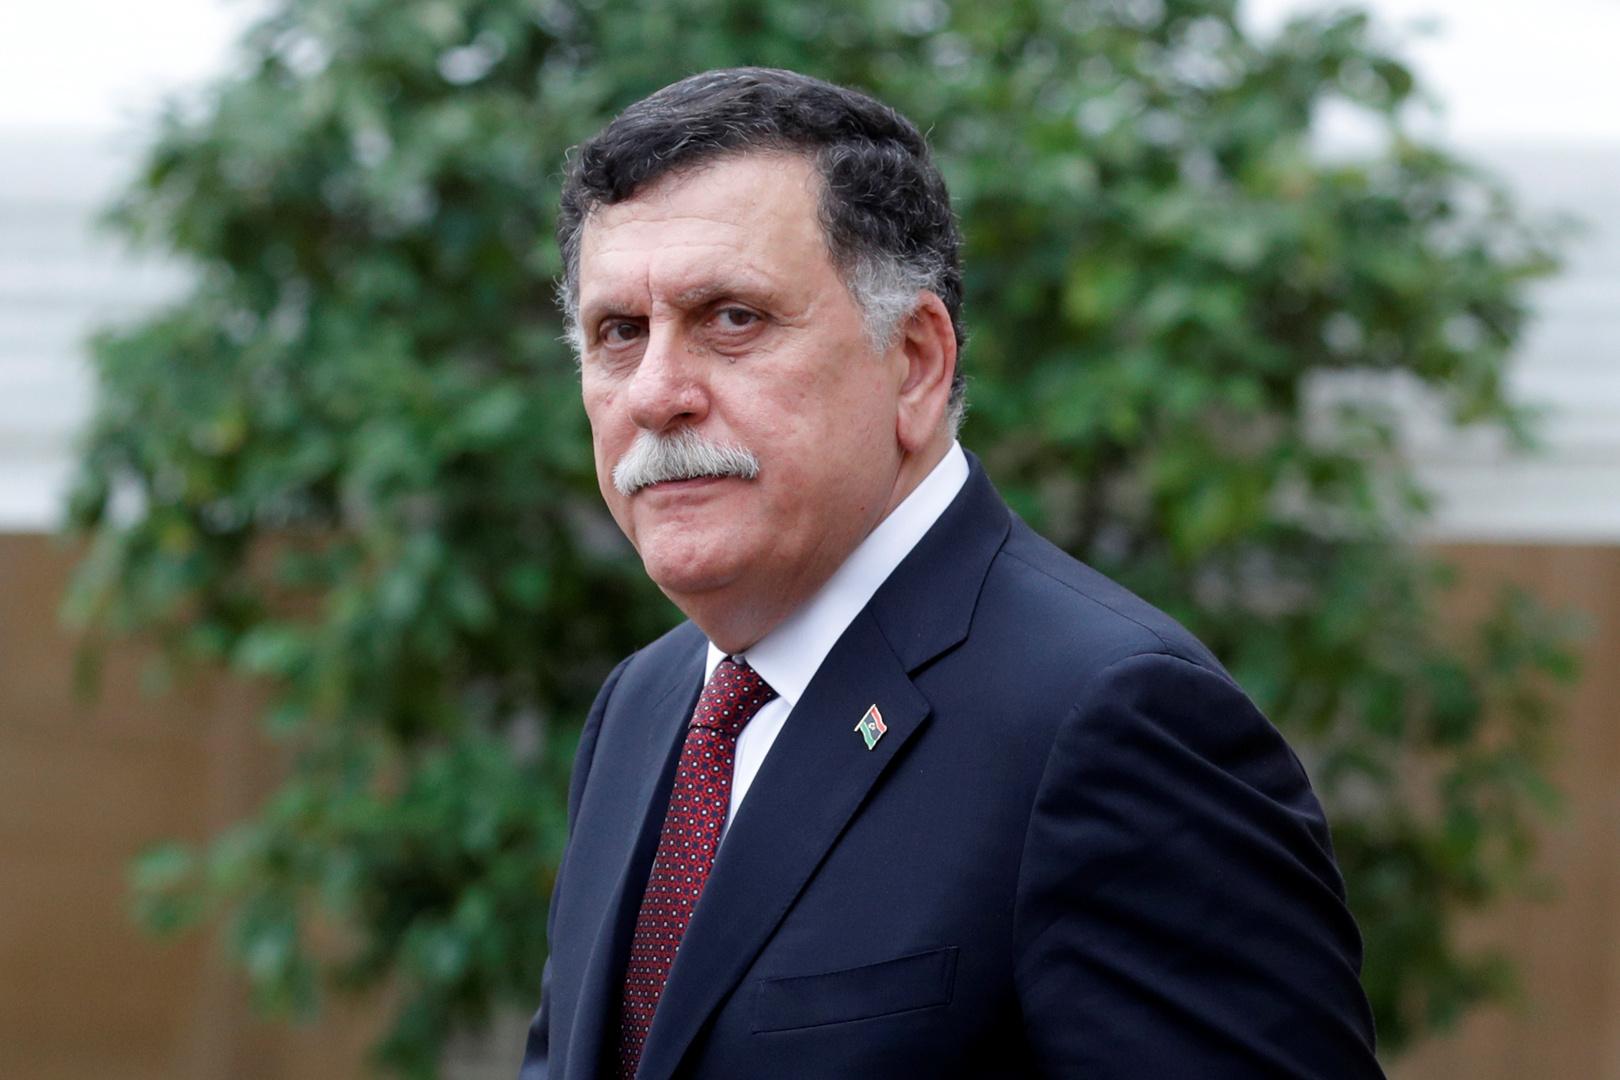 حكومة الوفاق الليبية تعلن وقف إطلاق النار وتدعو لانتخابات رئاسية وبرلمانية